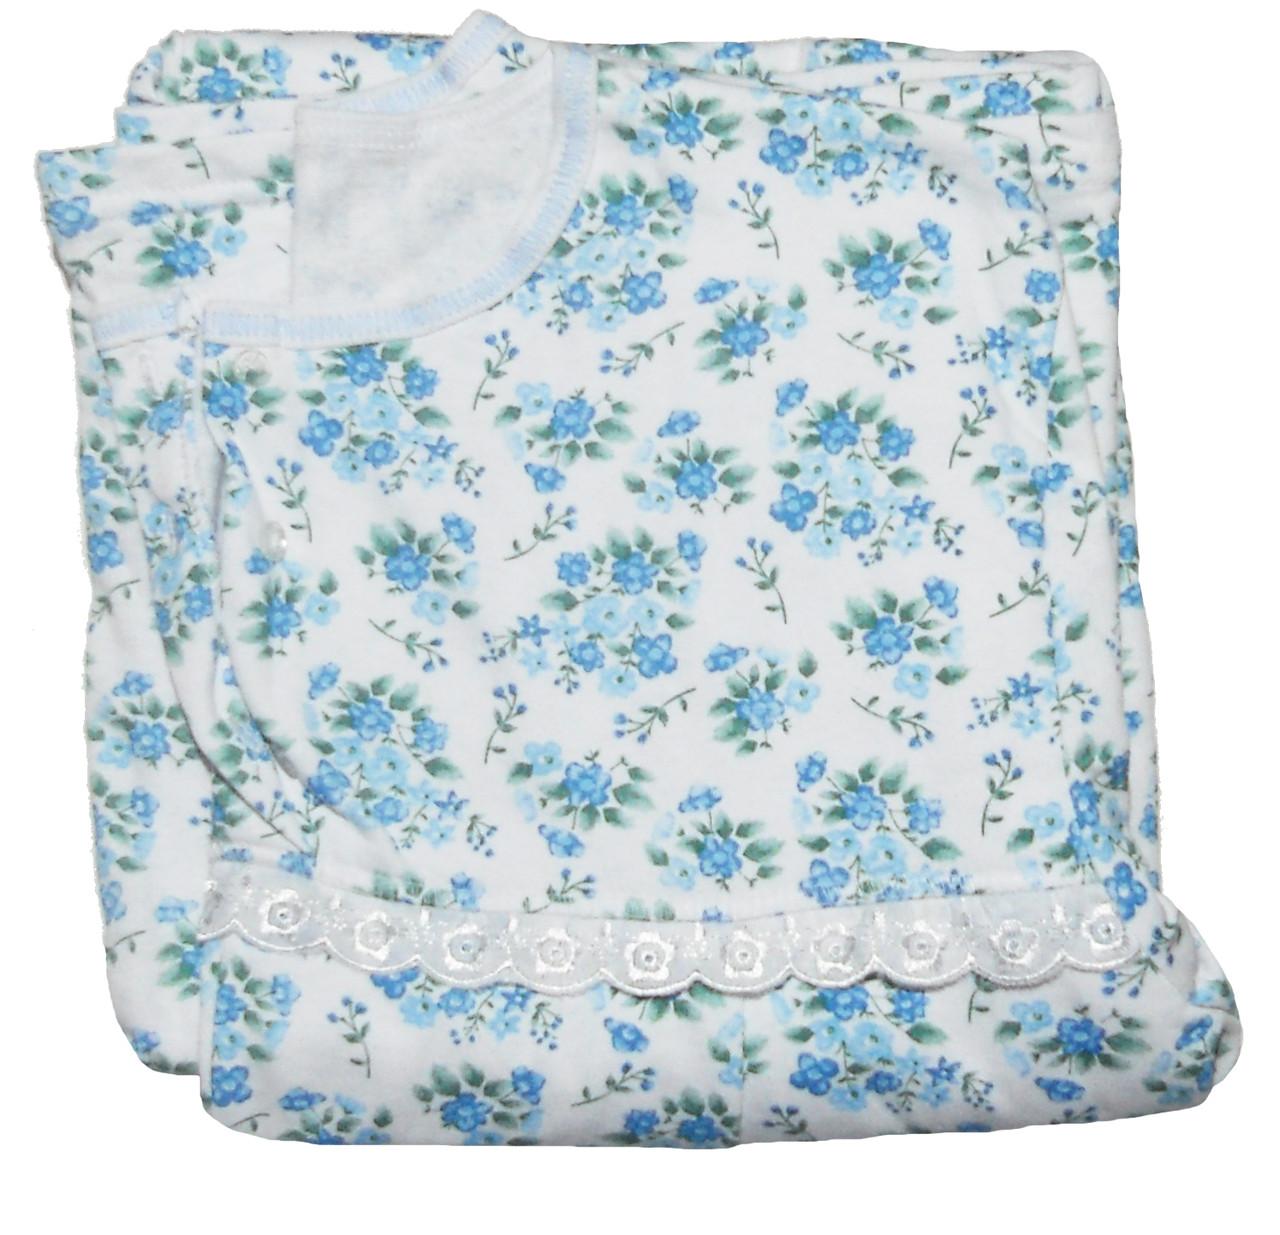 24e5b056d0e9 Ночная рубашка теплая 03271 Пуговка для беременных, в роддом, р.р.46-48,  цена 275 грн., купить в Днепре — Prom.ua (ID#341520893)